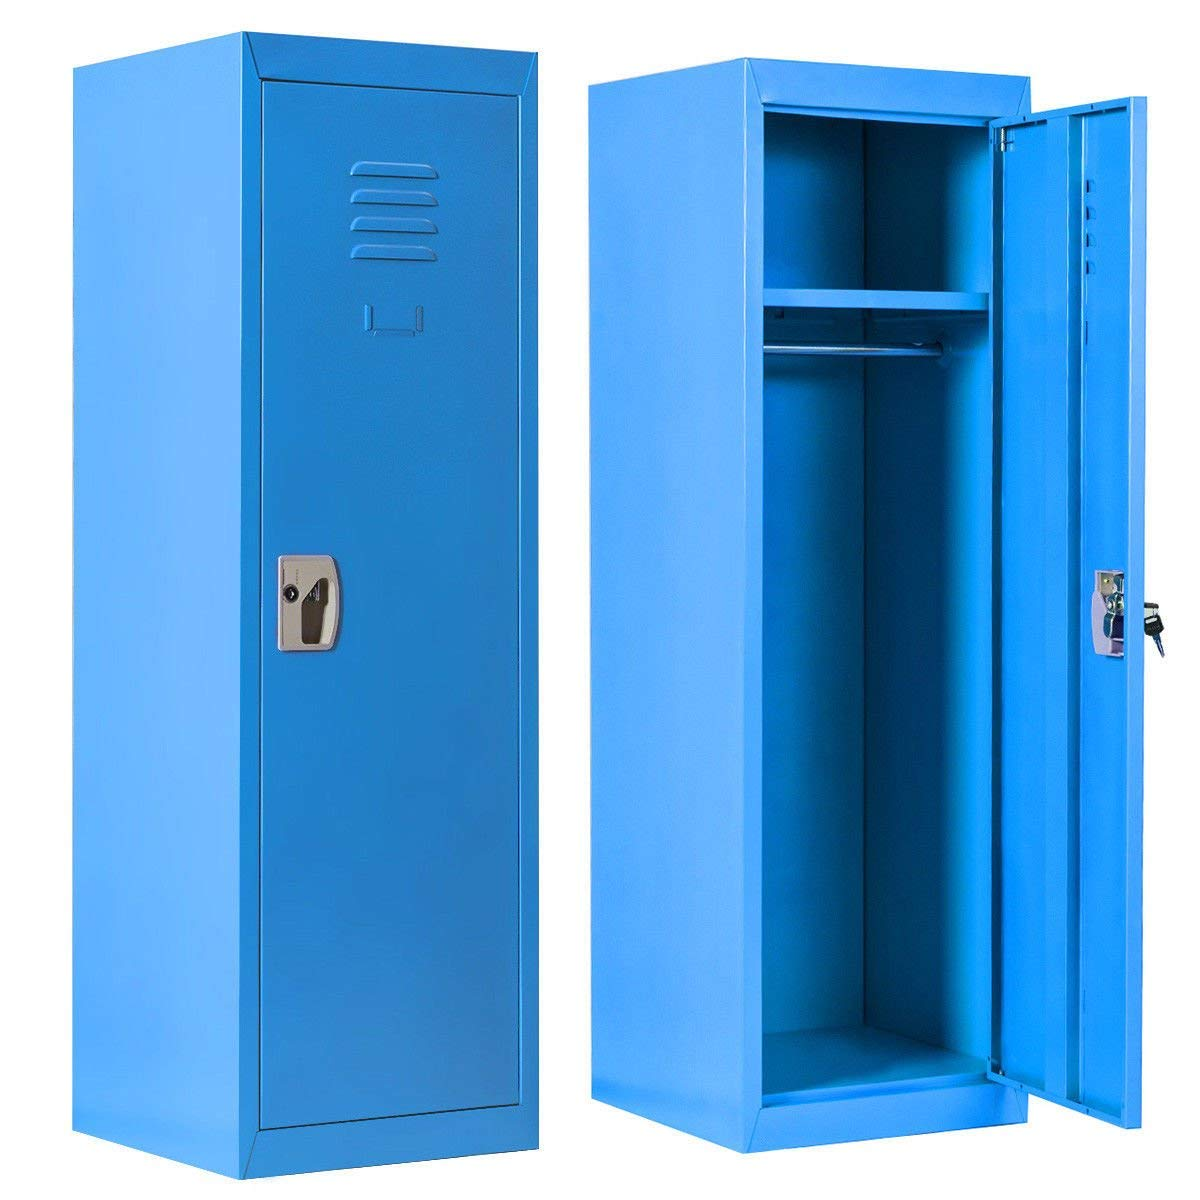 Kids Storage Locker SteelSafe Storage Kids Toy Gym Room Locker Keeper(Blue)